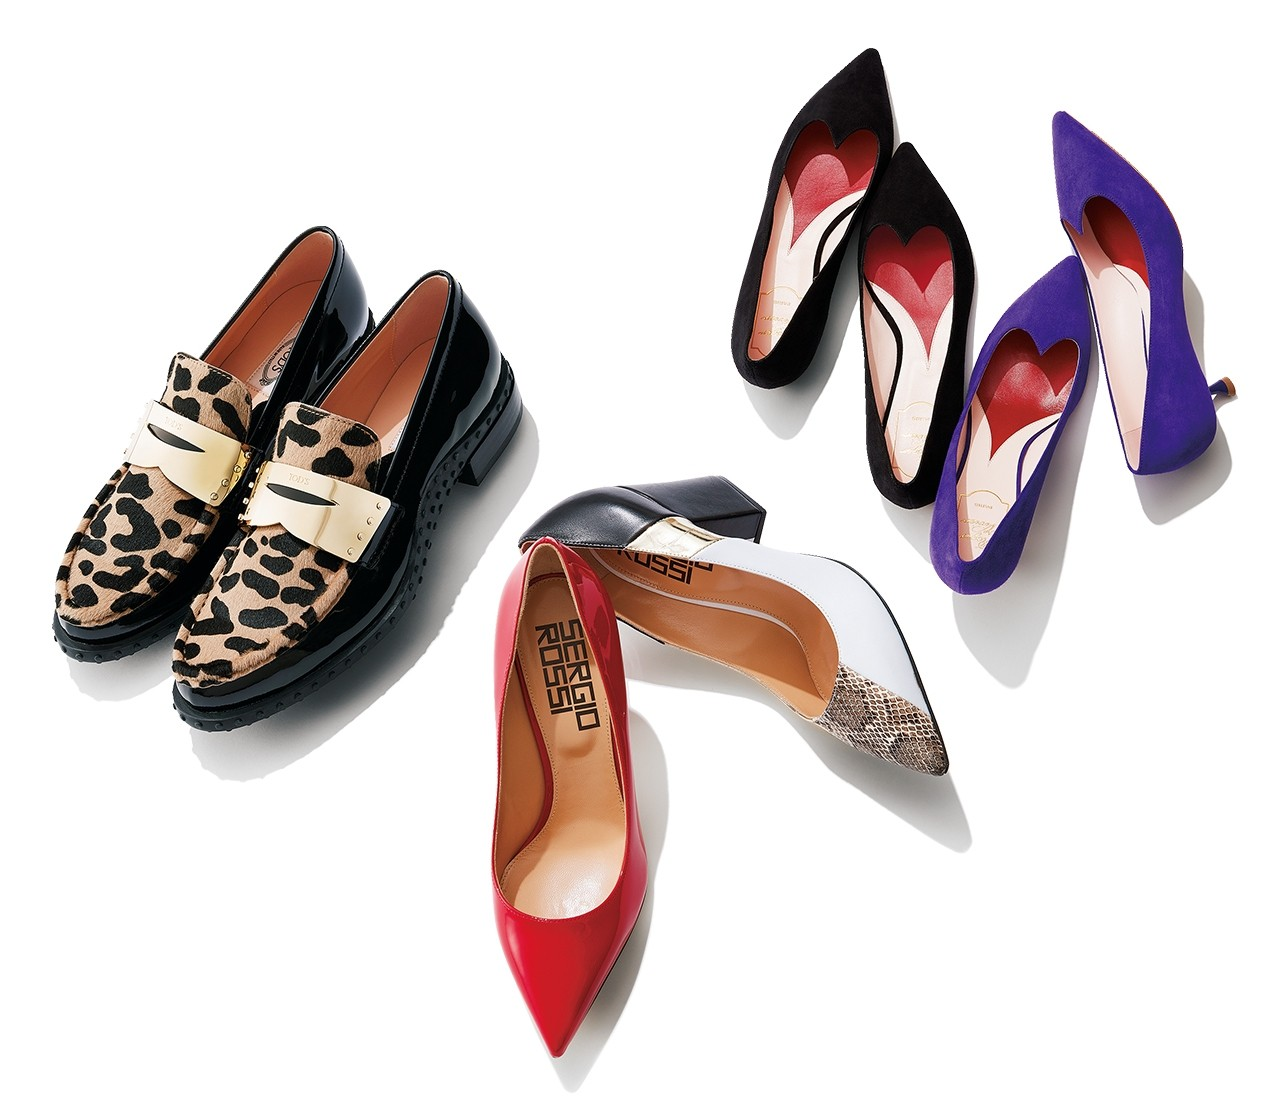 秋支度は靴から始めて!30代憧れブランドの靴5選【今月のおしゃれニュース】